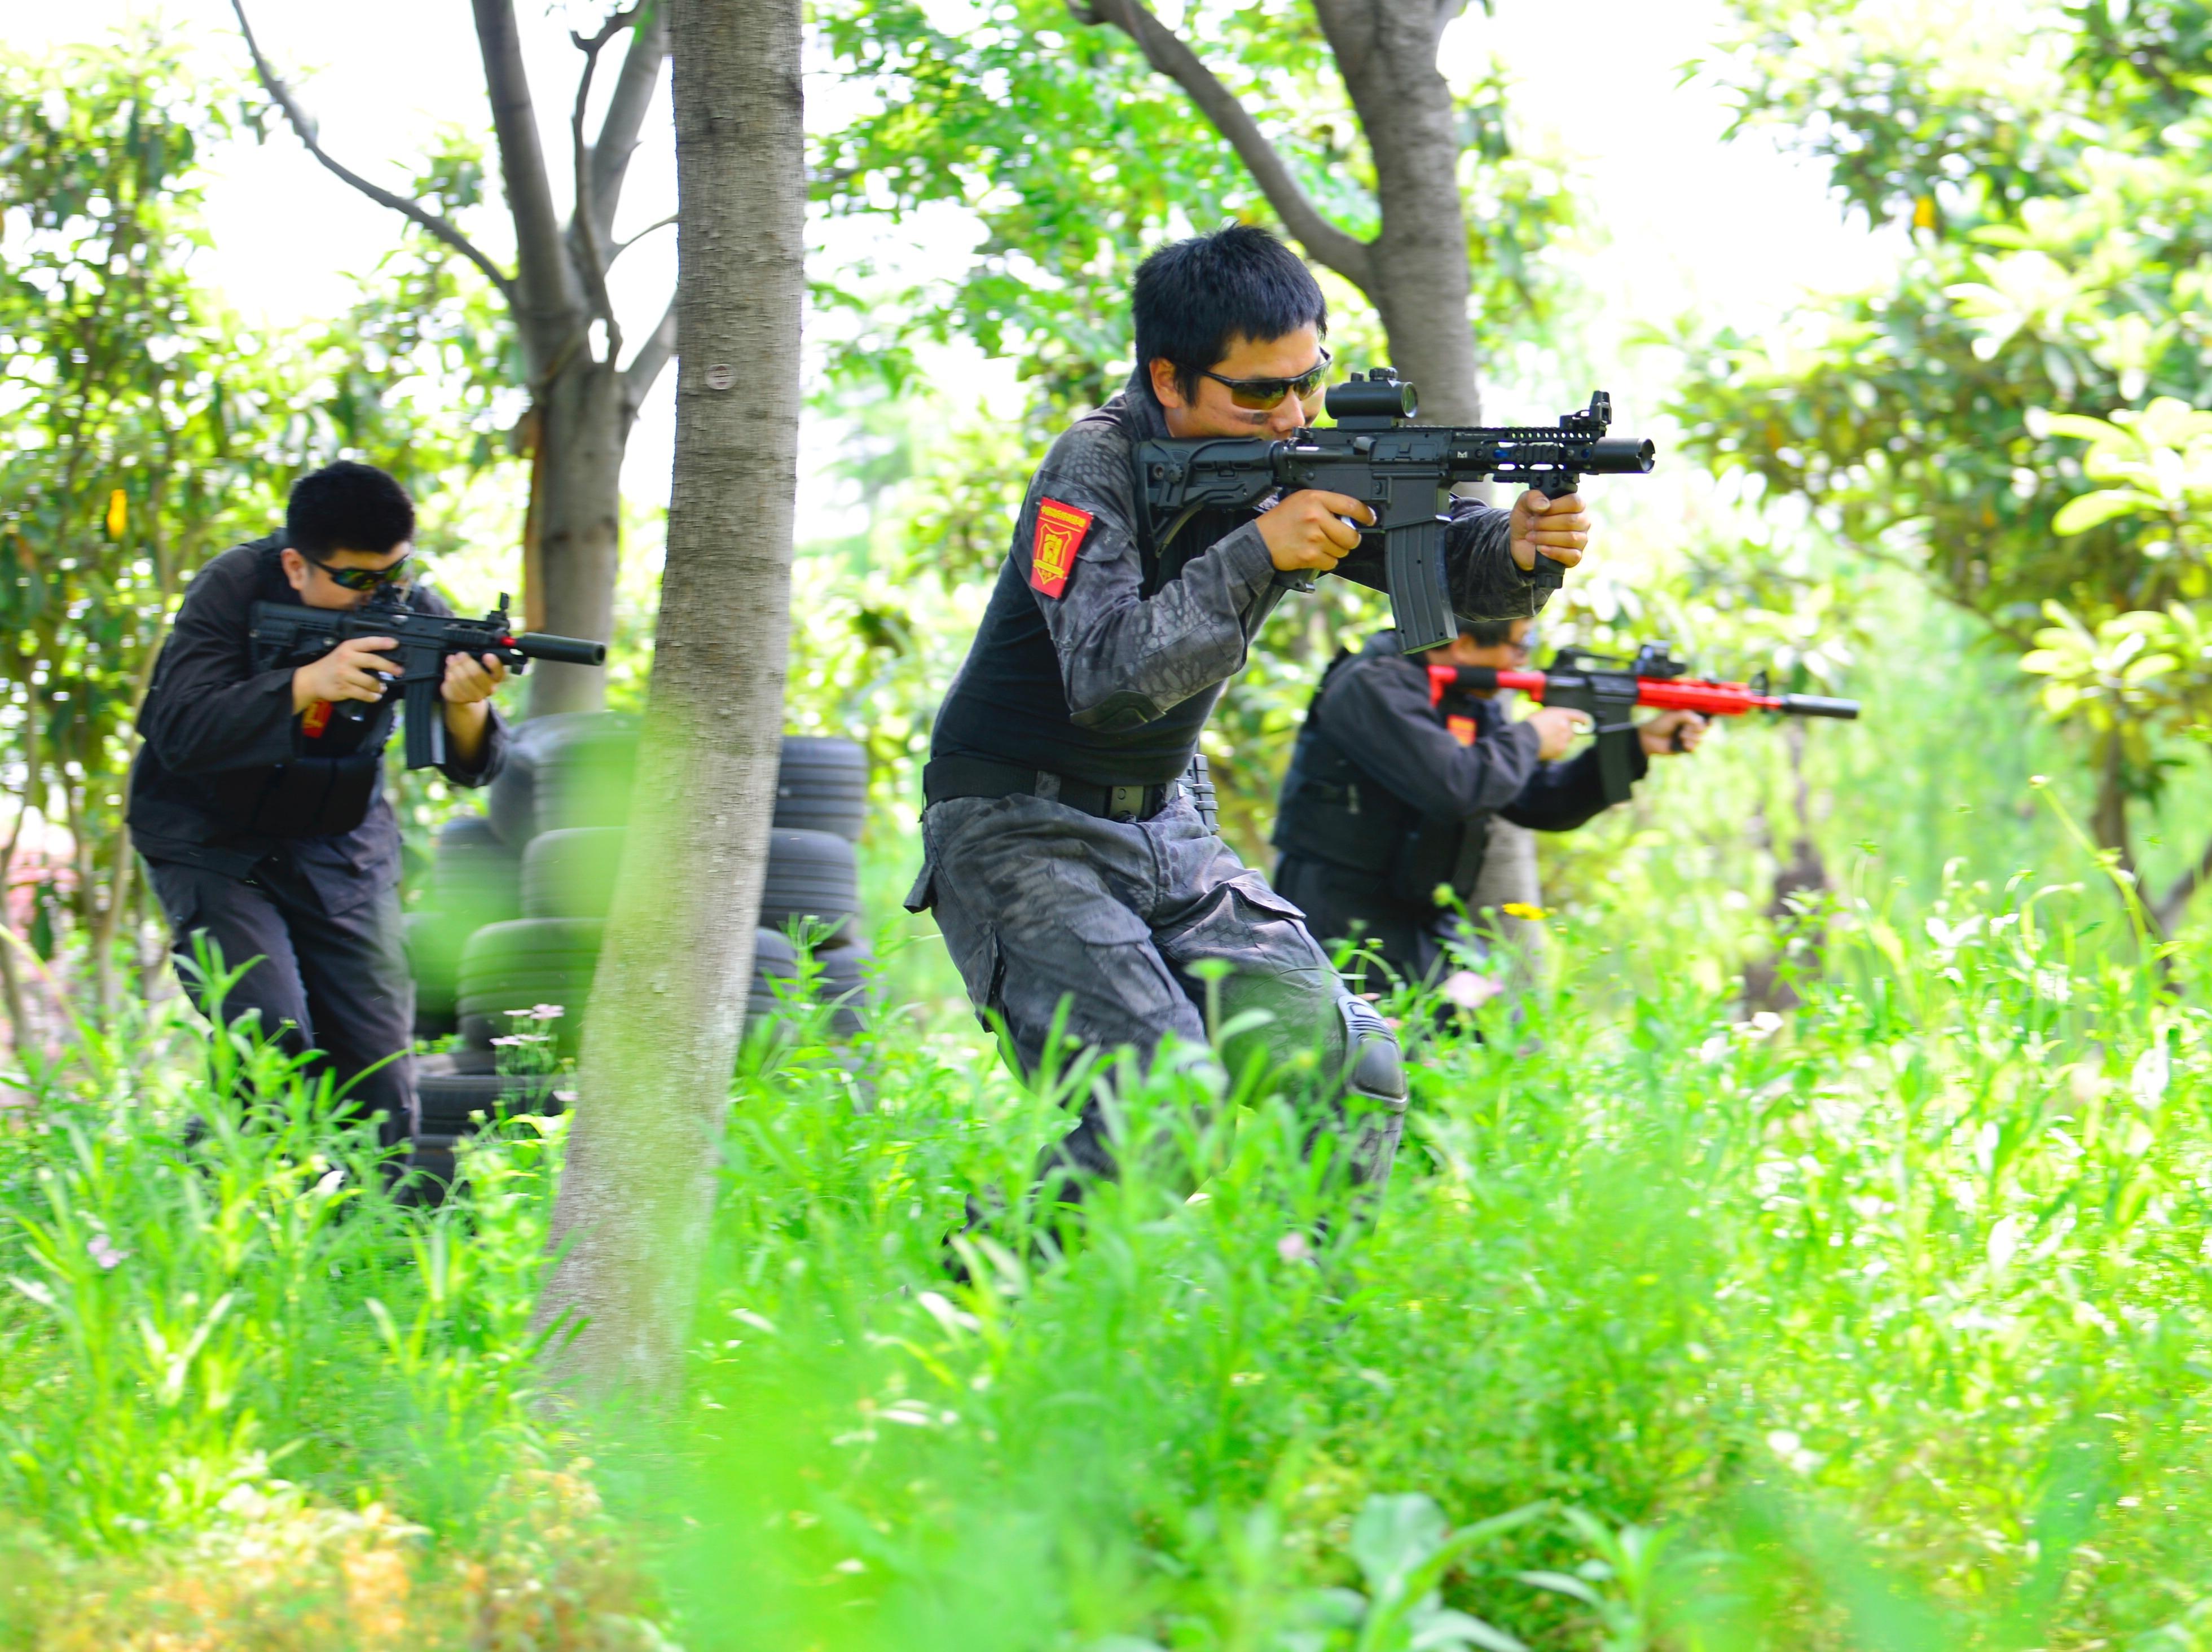 水弹真人CS战队成员海选活动(组队吃鸡)